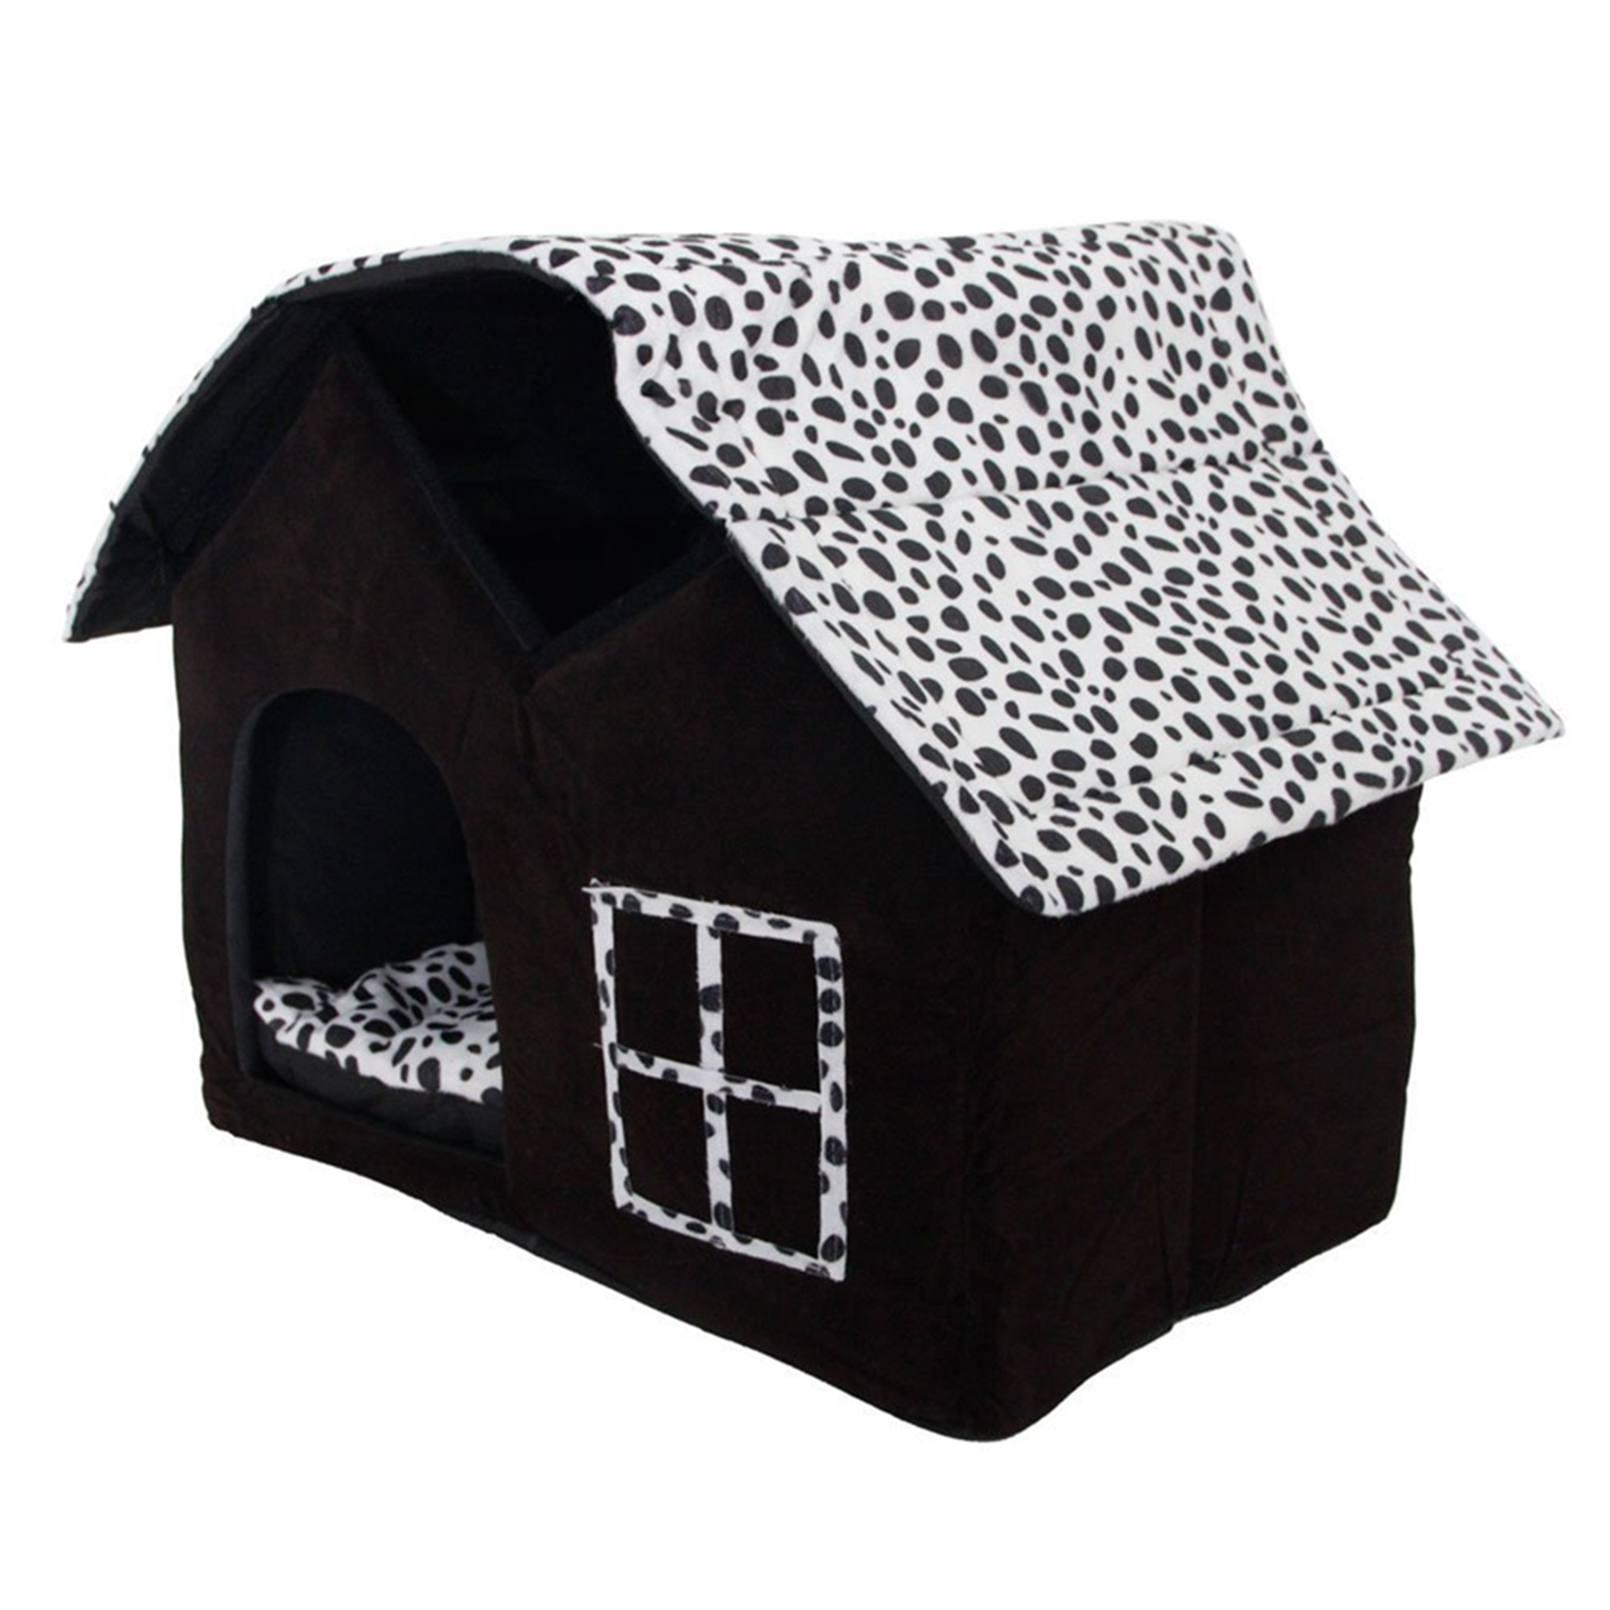 Cama para perros cubierta